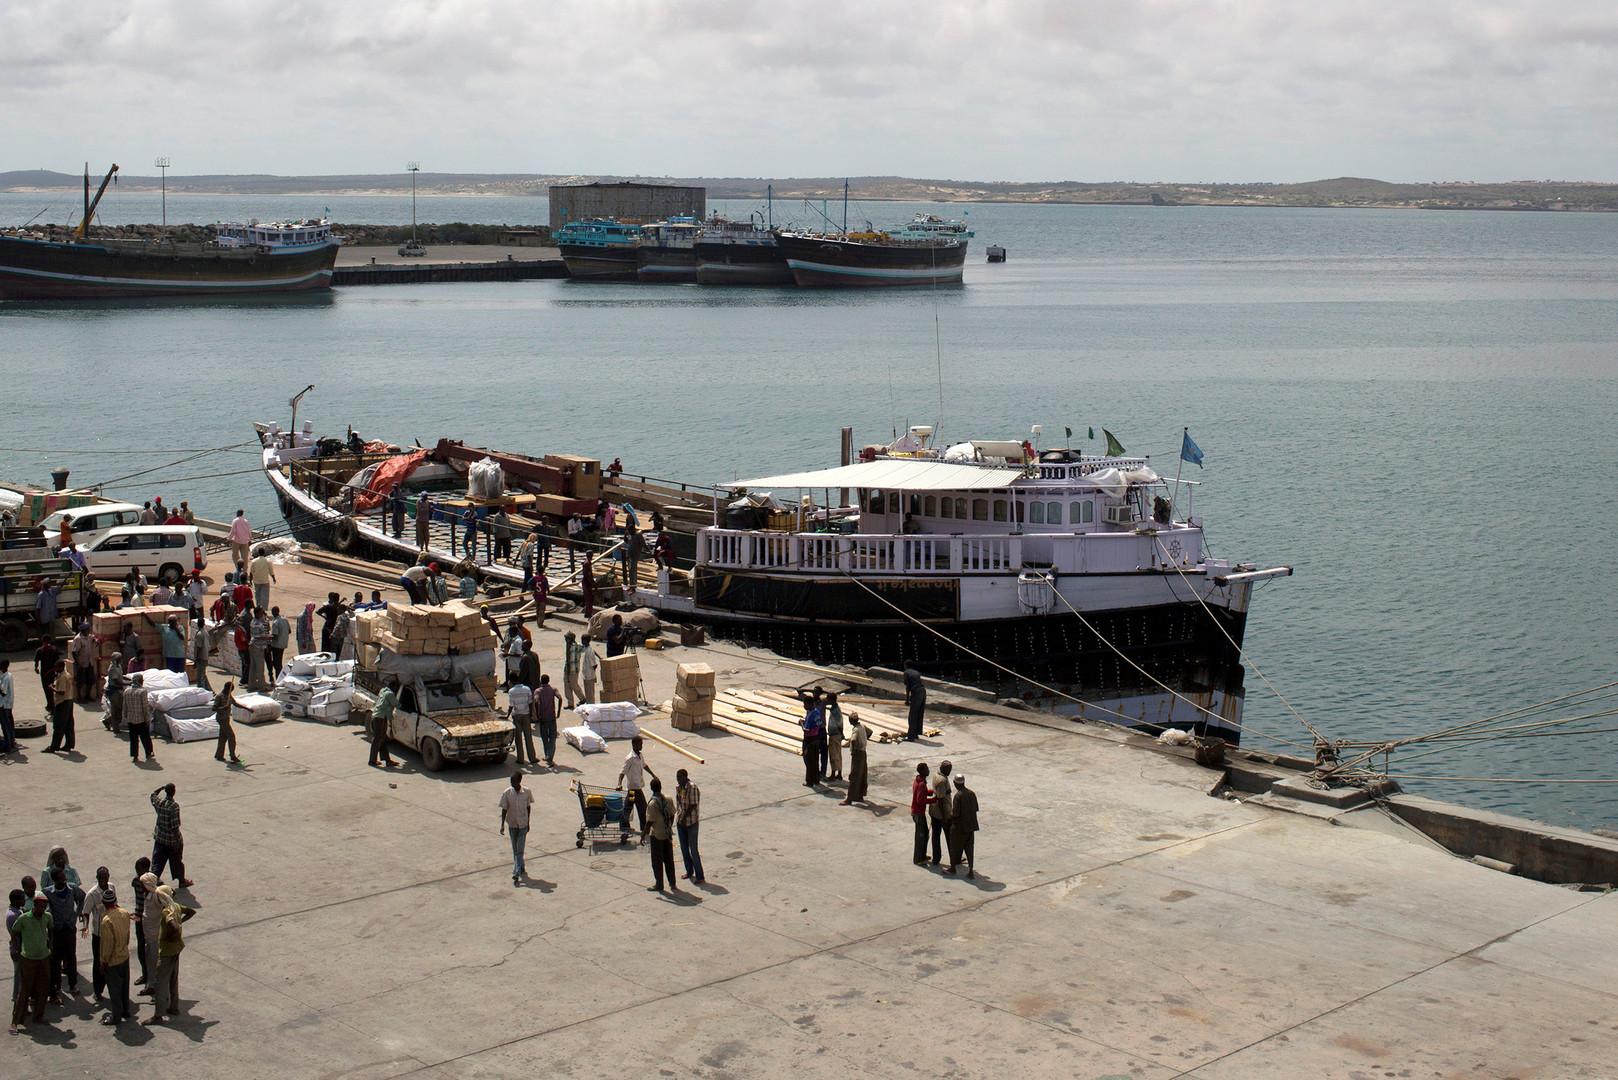 رئيس منطقة صومالية: حصيلة ضحايا الهجوم على فندق في كيسمايو ترتفع إلى 26 قتيلا